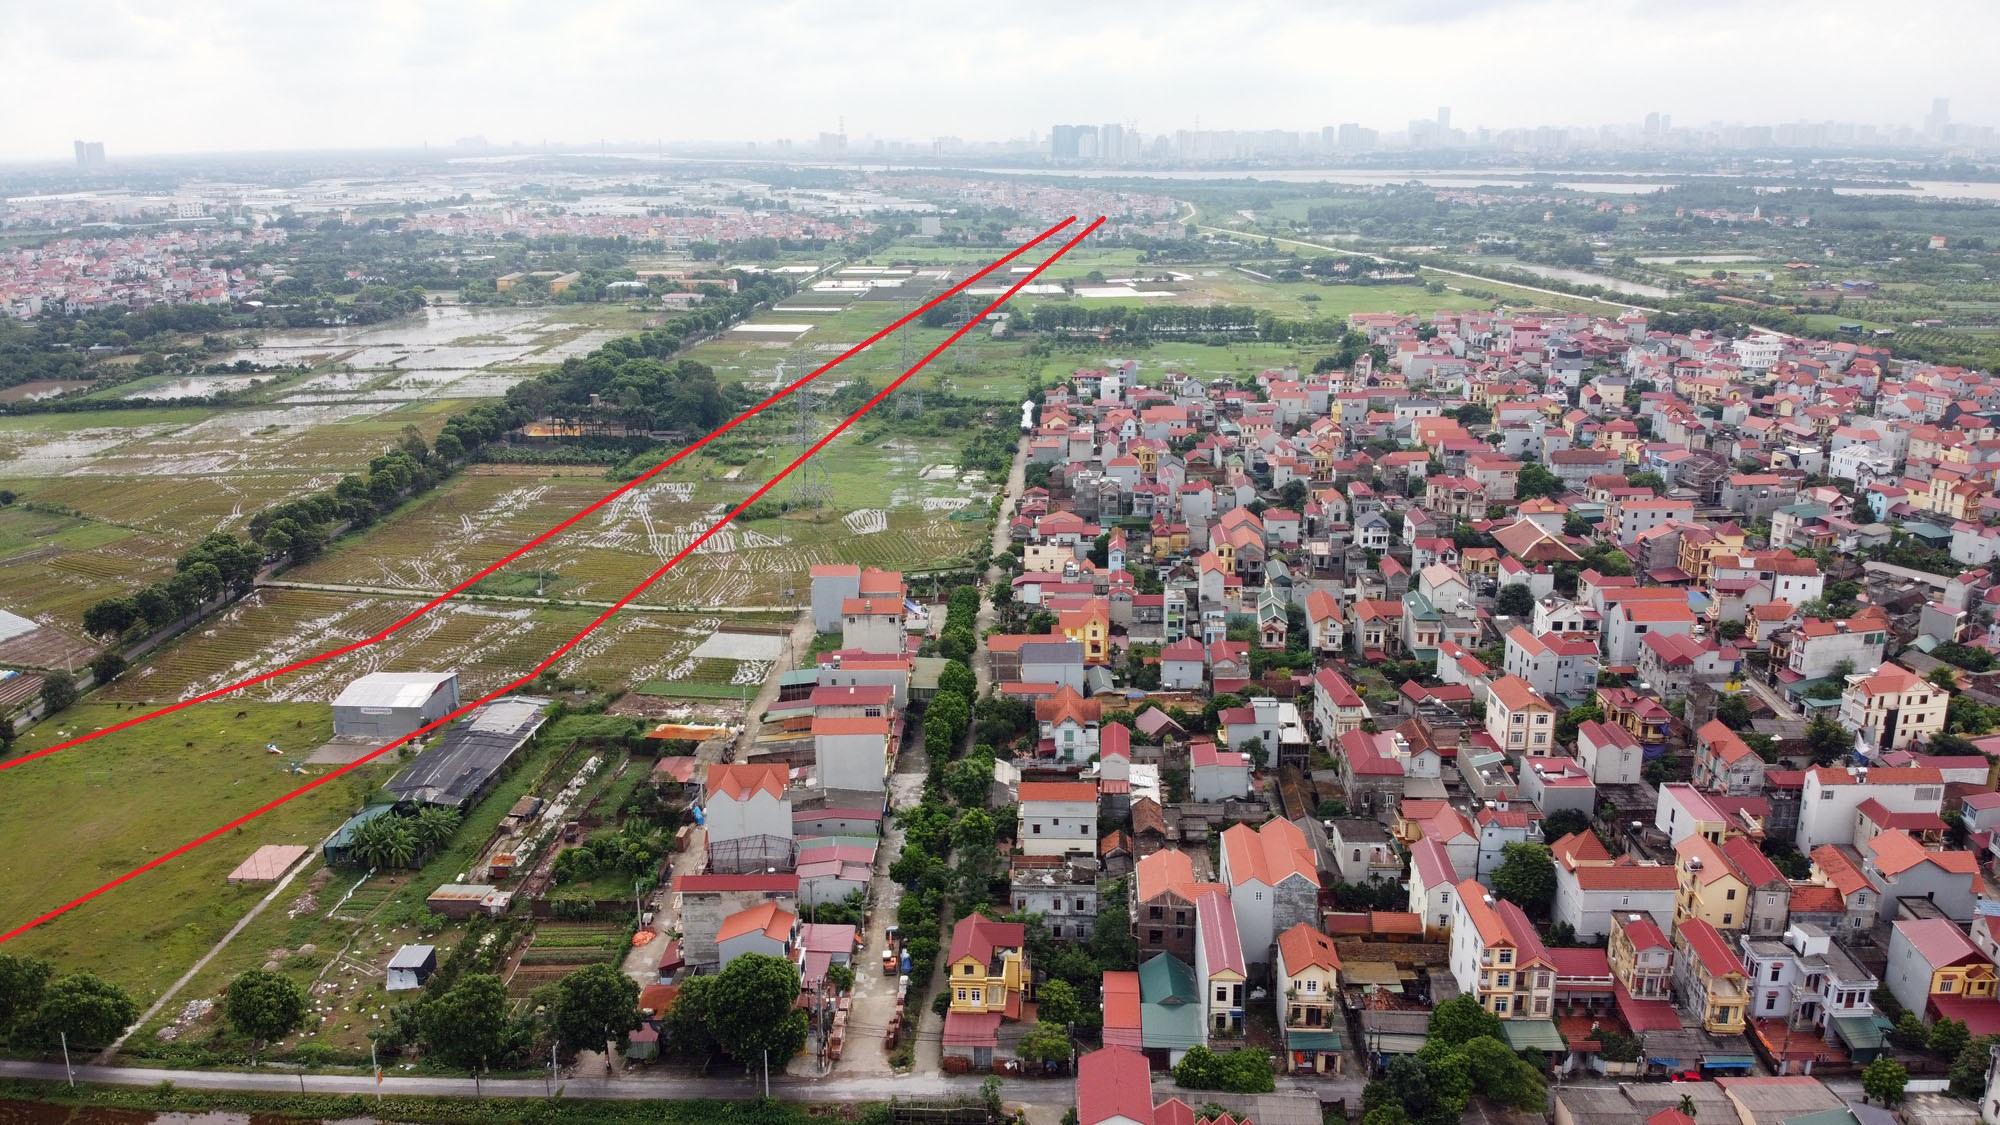 Ba đường sẽ mở theo qui hoạch ở xã Đại Mạch, Đông Anh, Hà Nội - Ảnh 13.